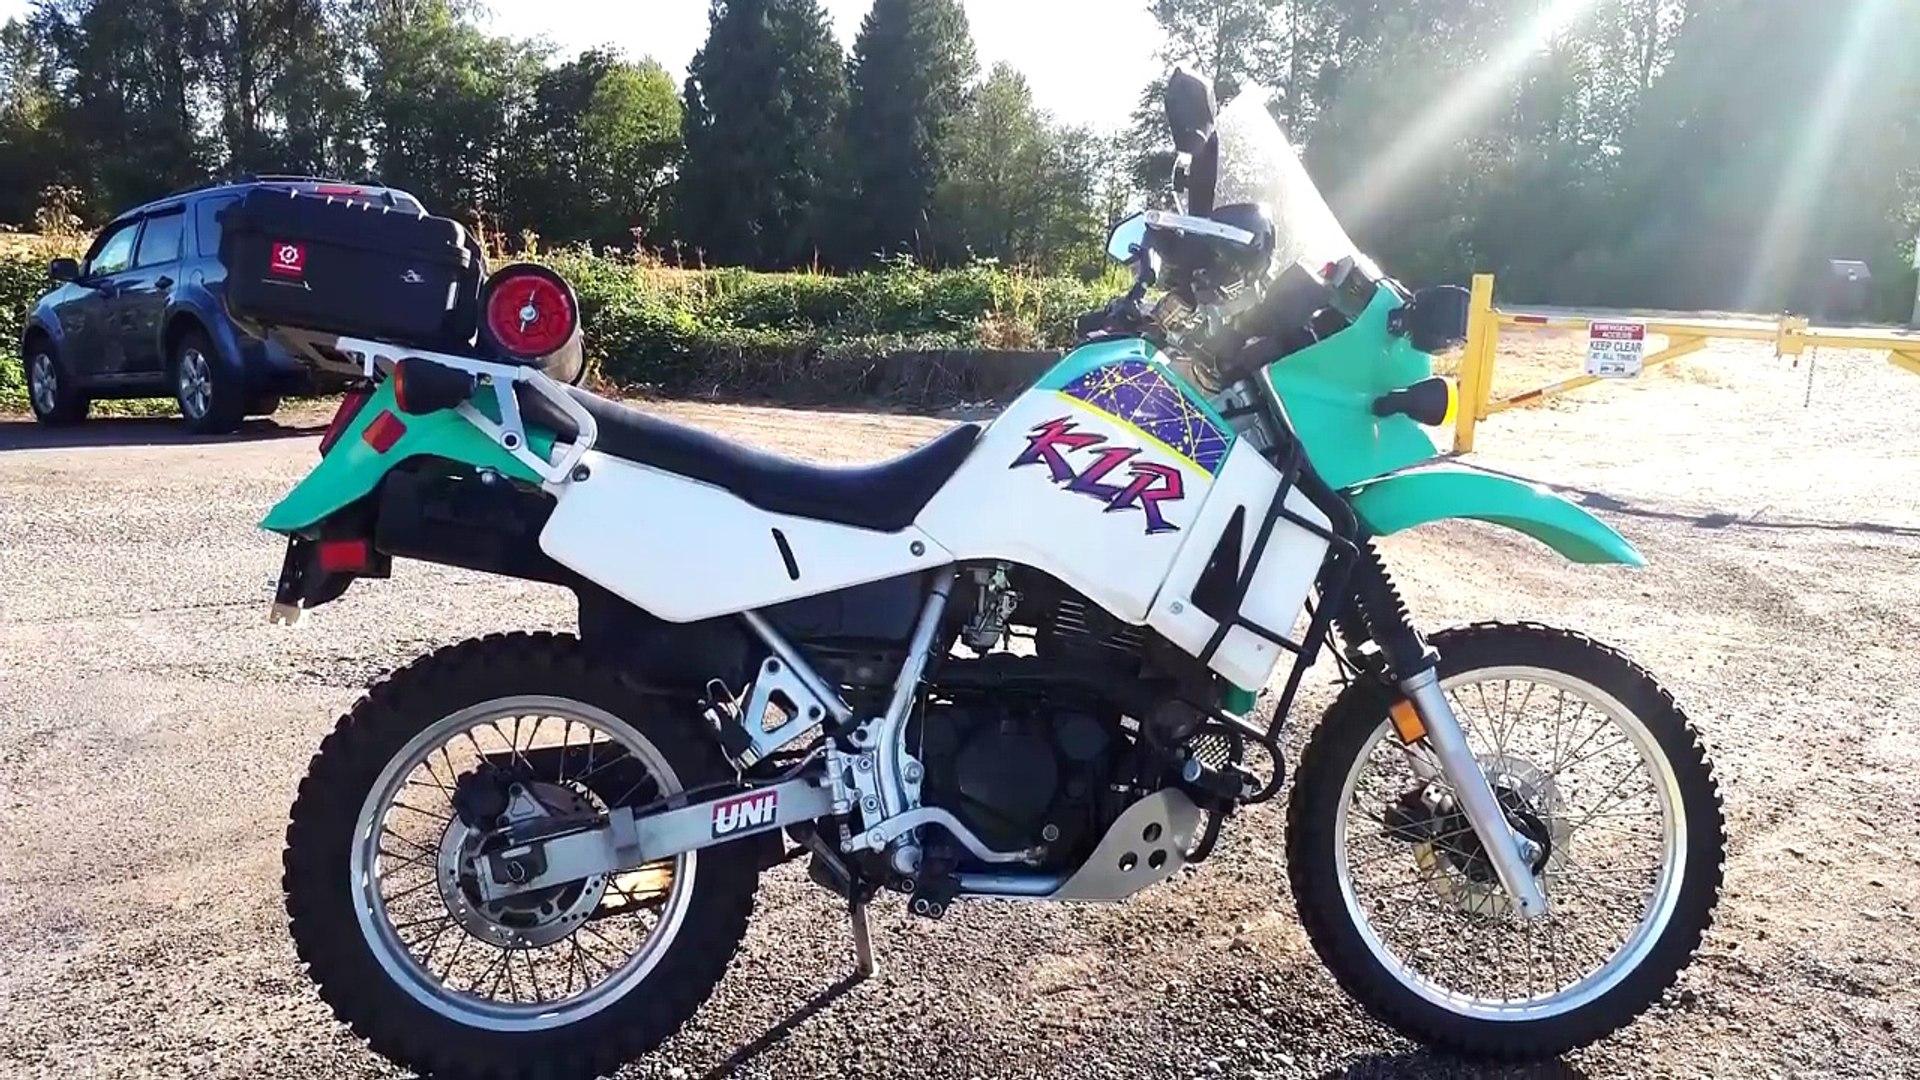 Kawasaki Klx 400 Supermoto